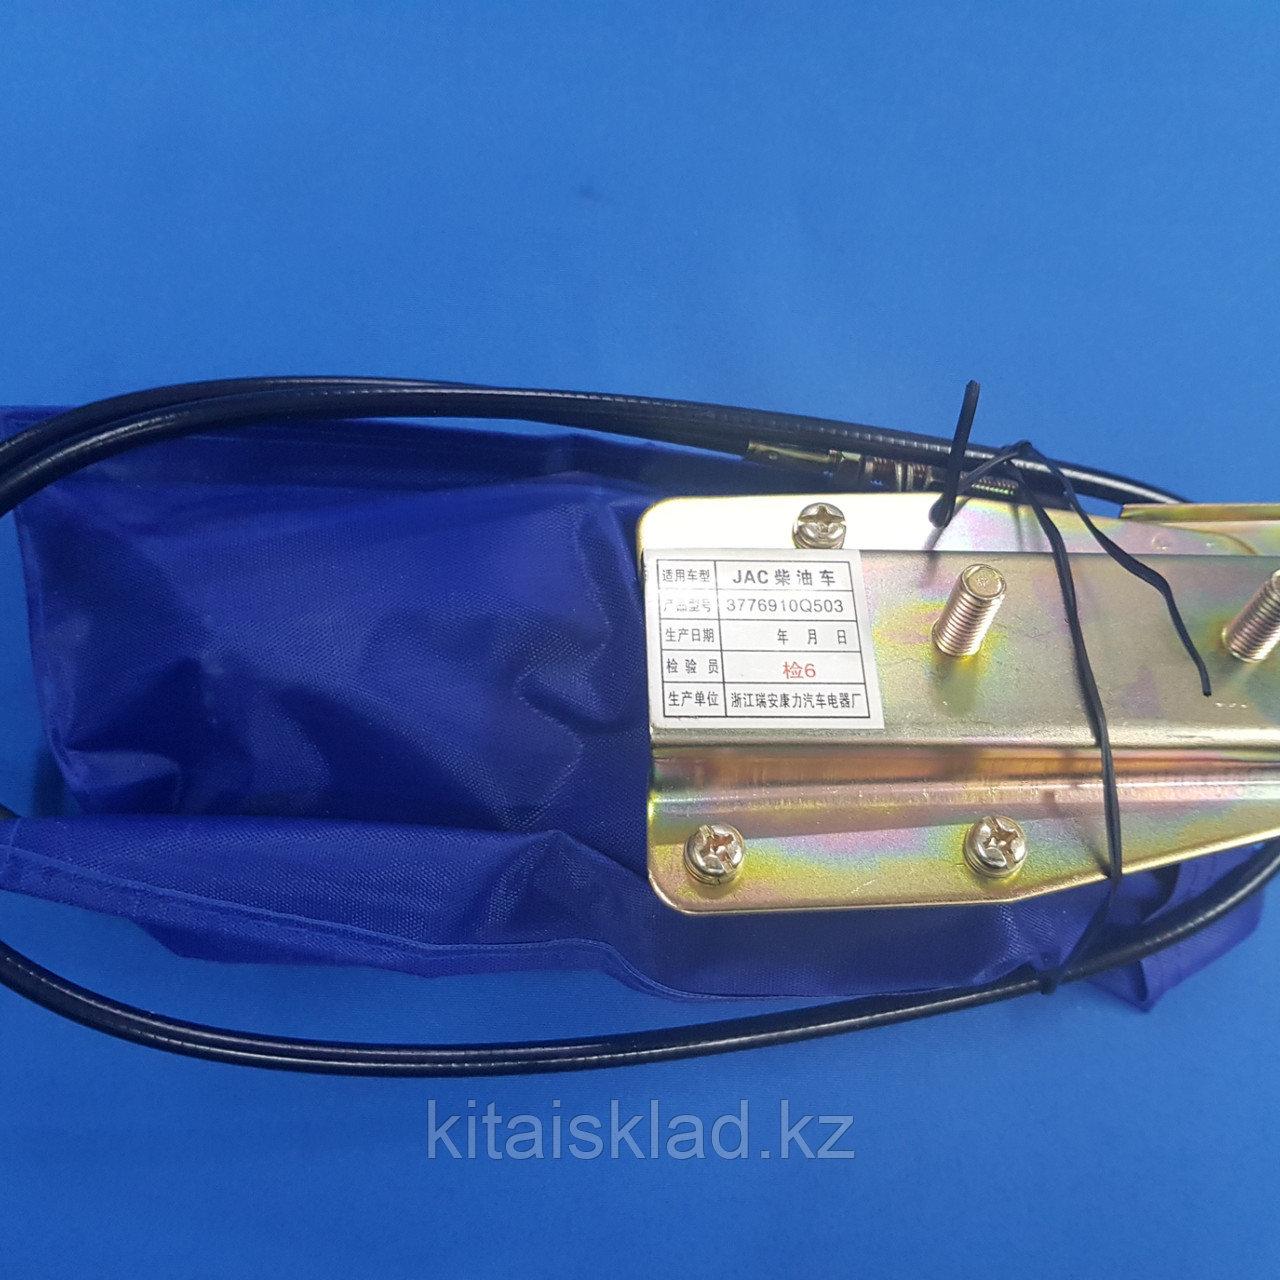 Глушилка двигателя (электромагнитный клапан глушения двигателя) DONG FENG